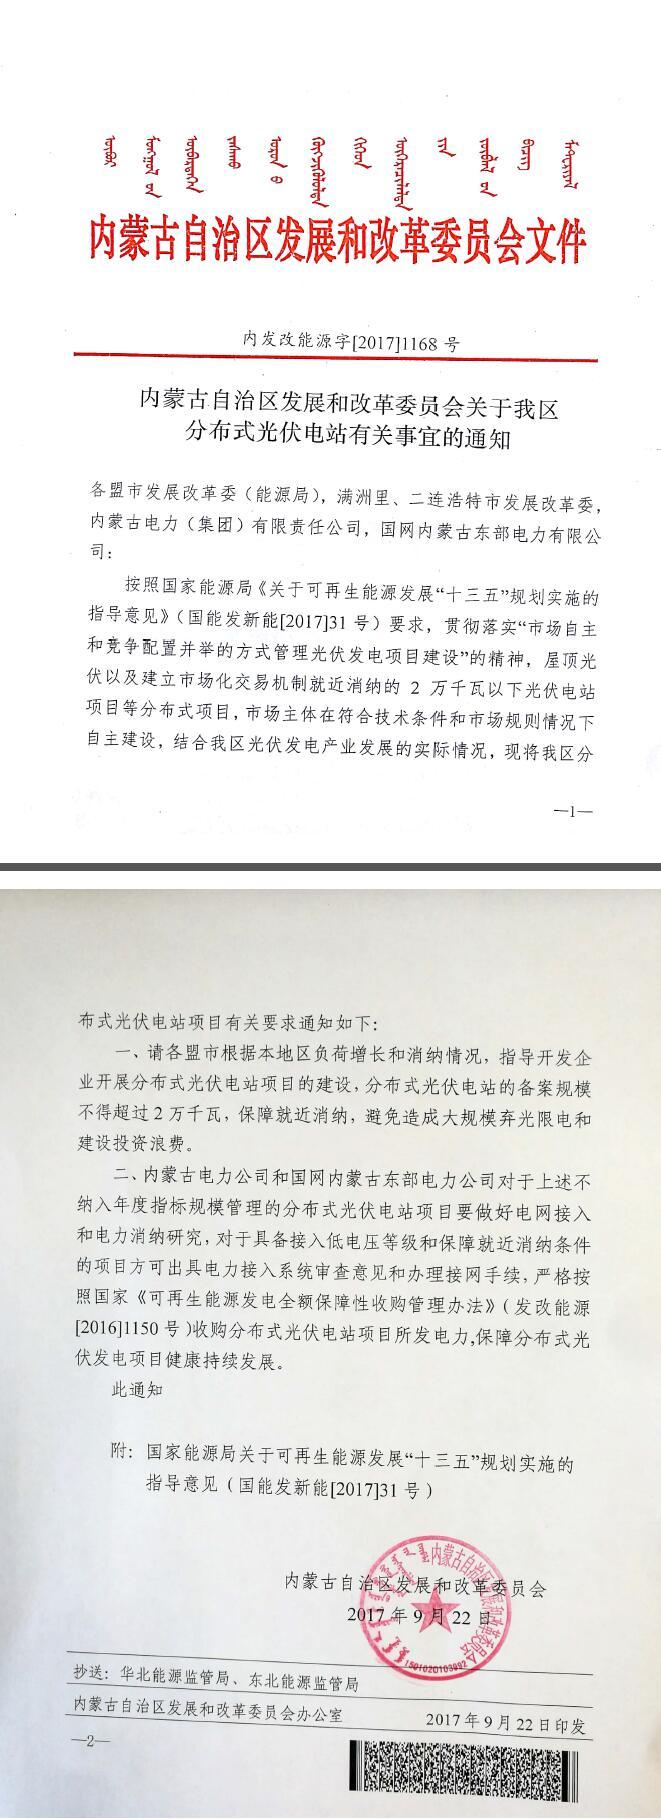 内蒙古:分布式光伏电站备案不得超过20MW 保障就近消纳